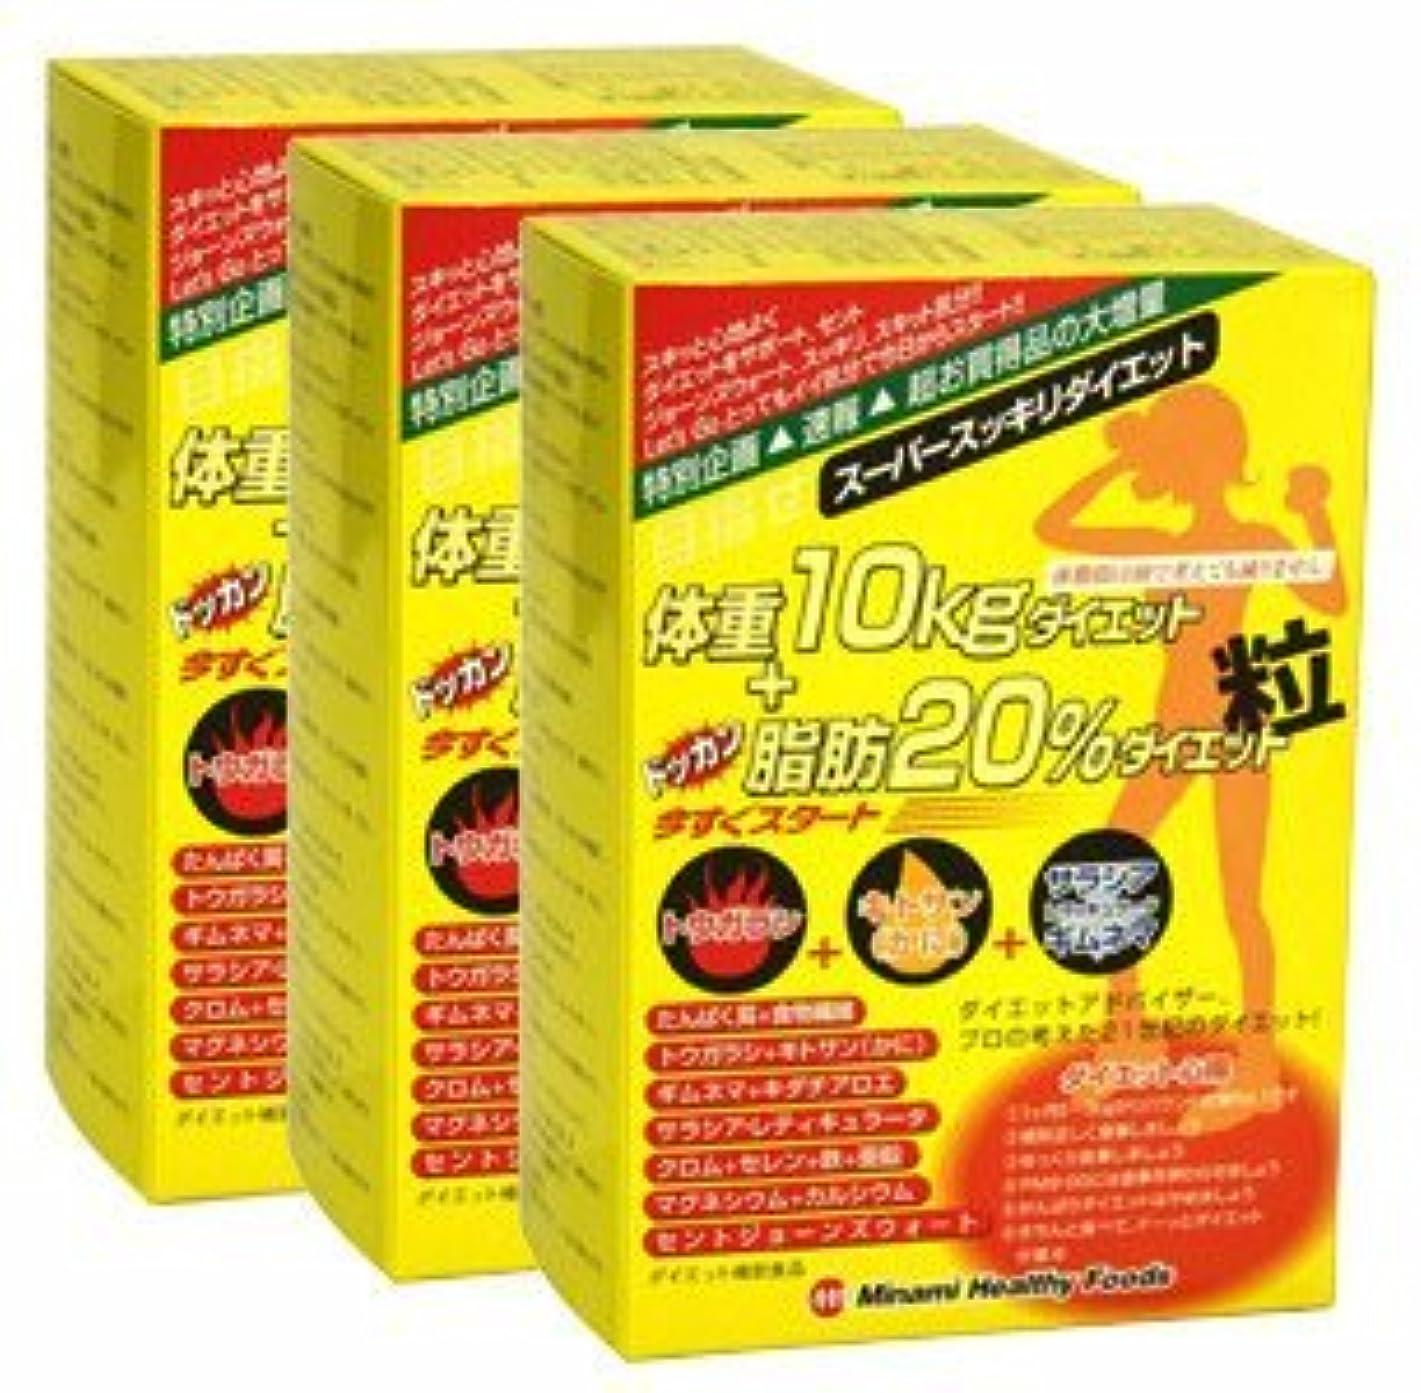 電気アクティビティ対処する目指せ体重10kg+ドッカン脂肪20%ダイエット粒【3箱セット】ミナミヘルシーフーズ